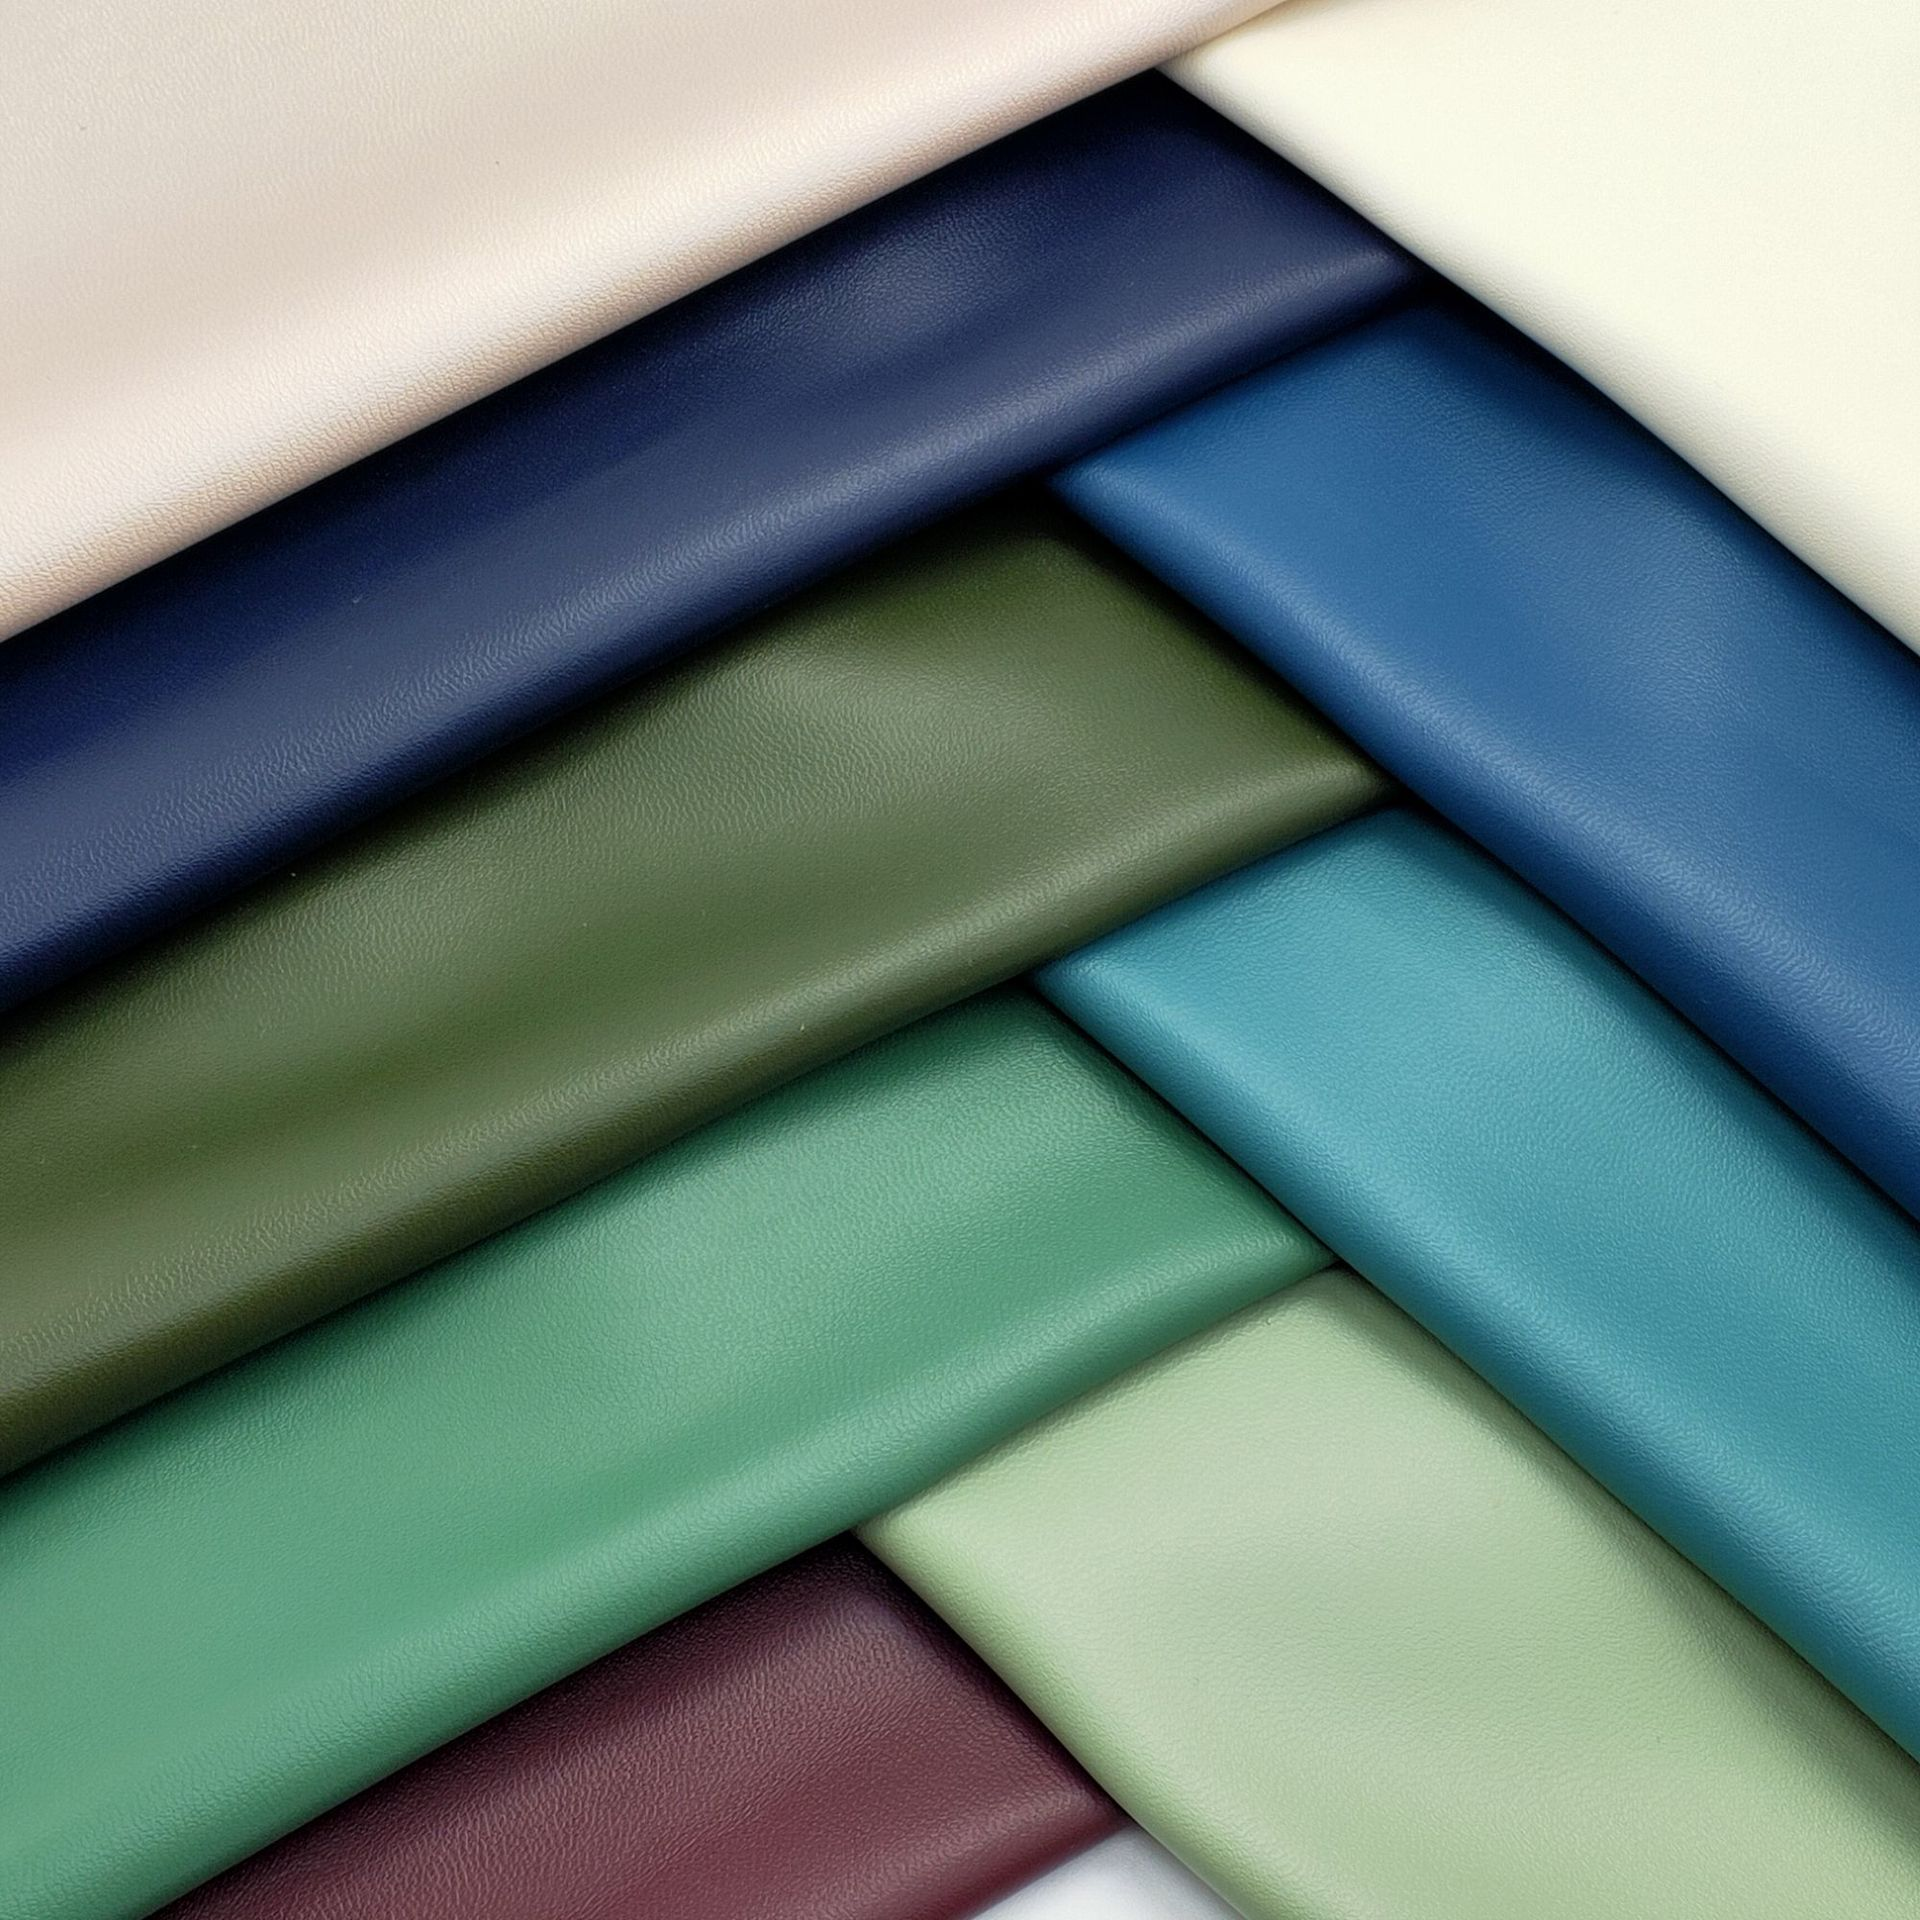 PU leather fabric super soft sheep pattern leather sheepskin pattern PU artificial leather bag cosme